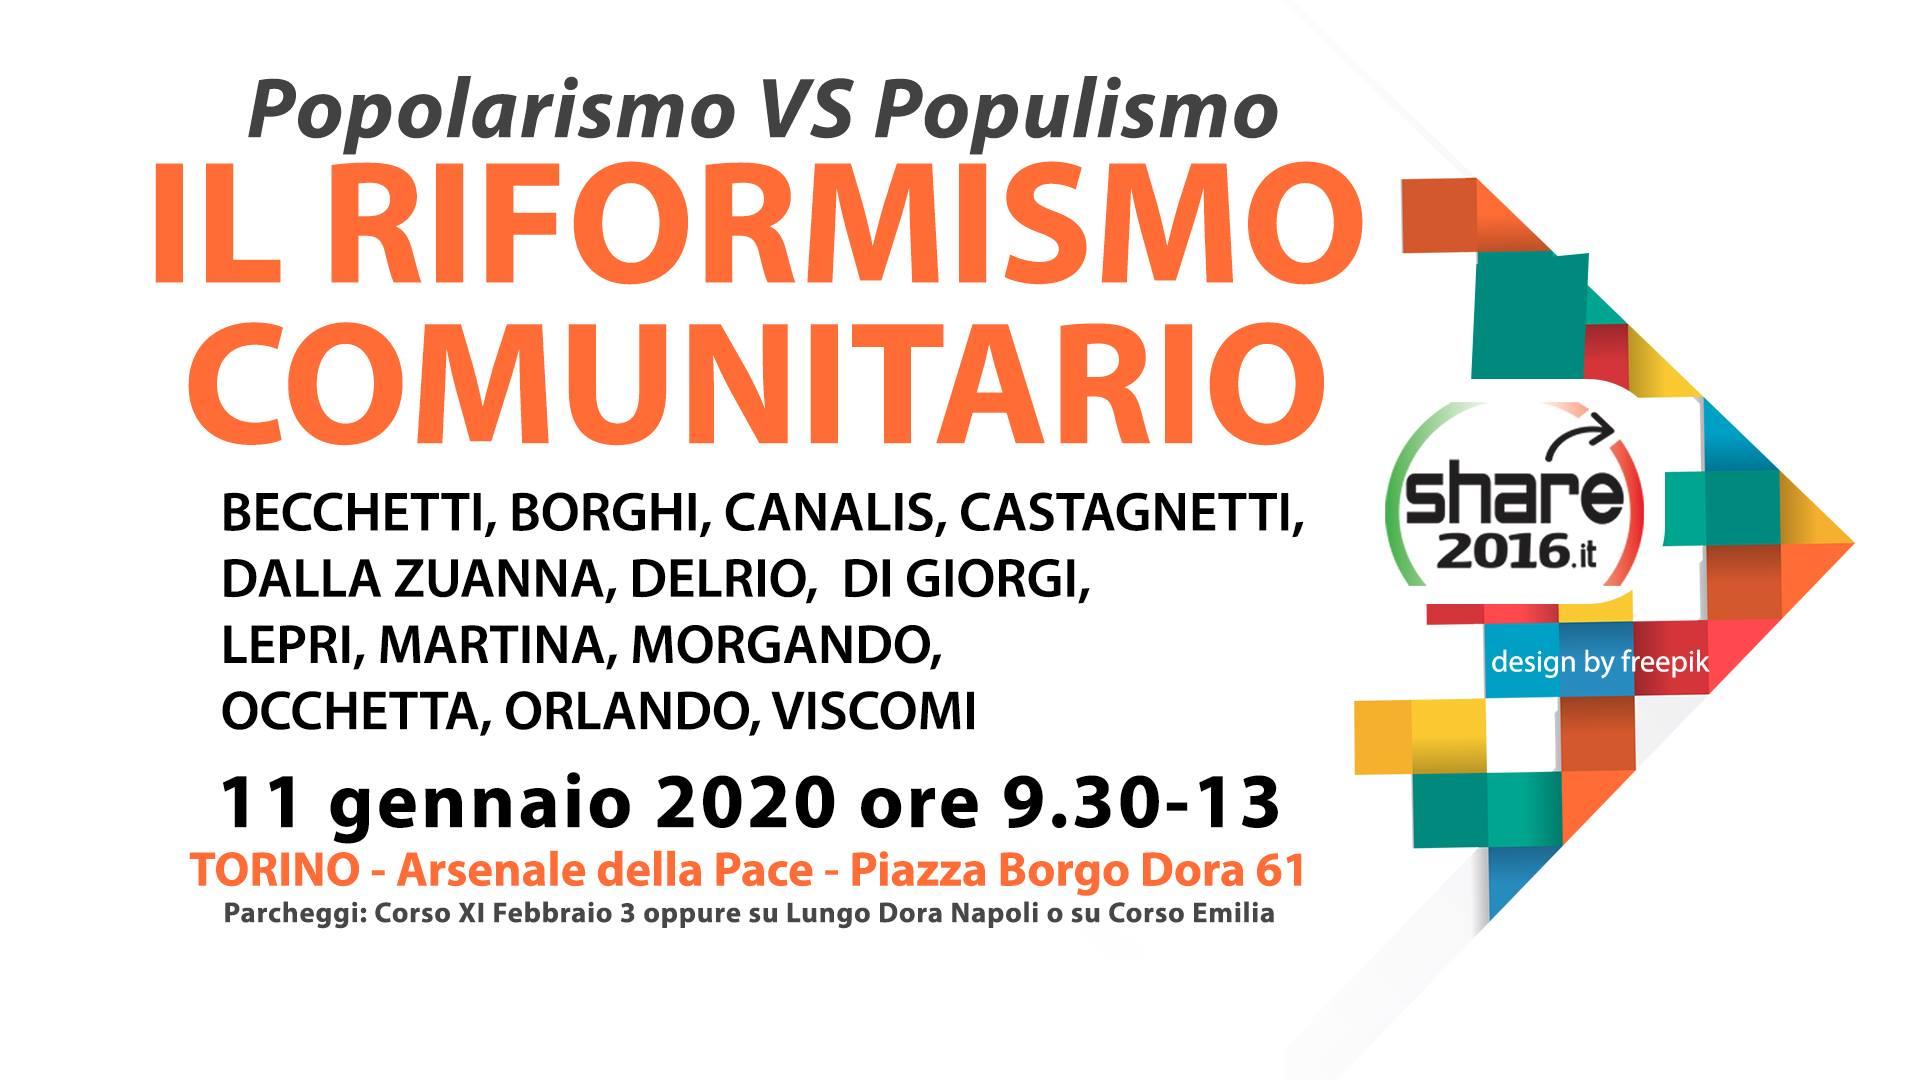 Il riformismo comunitario – Popolarismo VS Populismo. Torino, 11 gennaio 2020